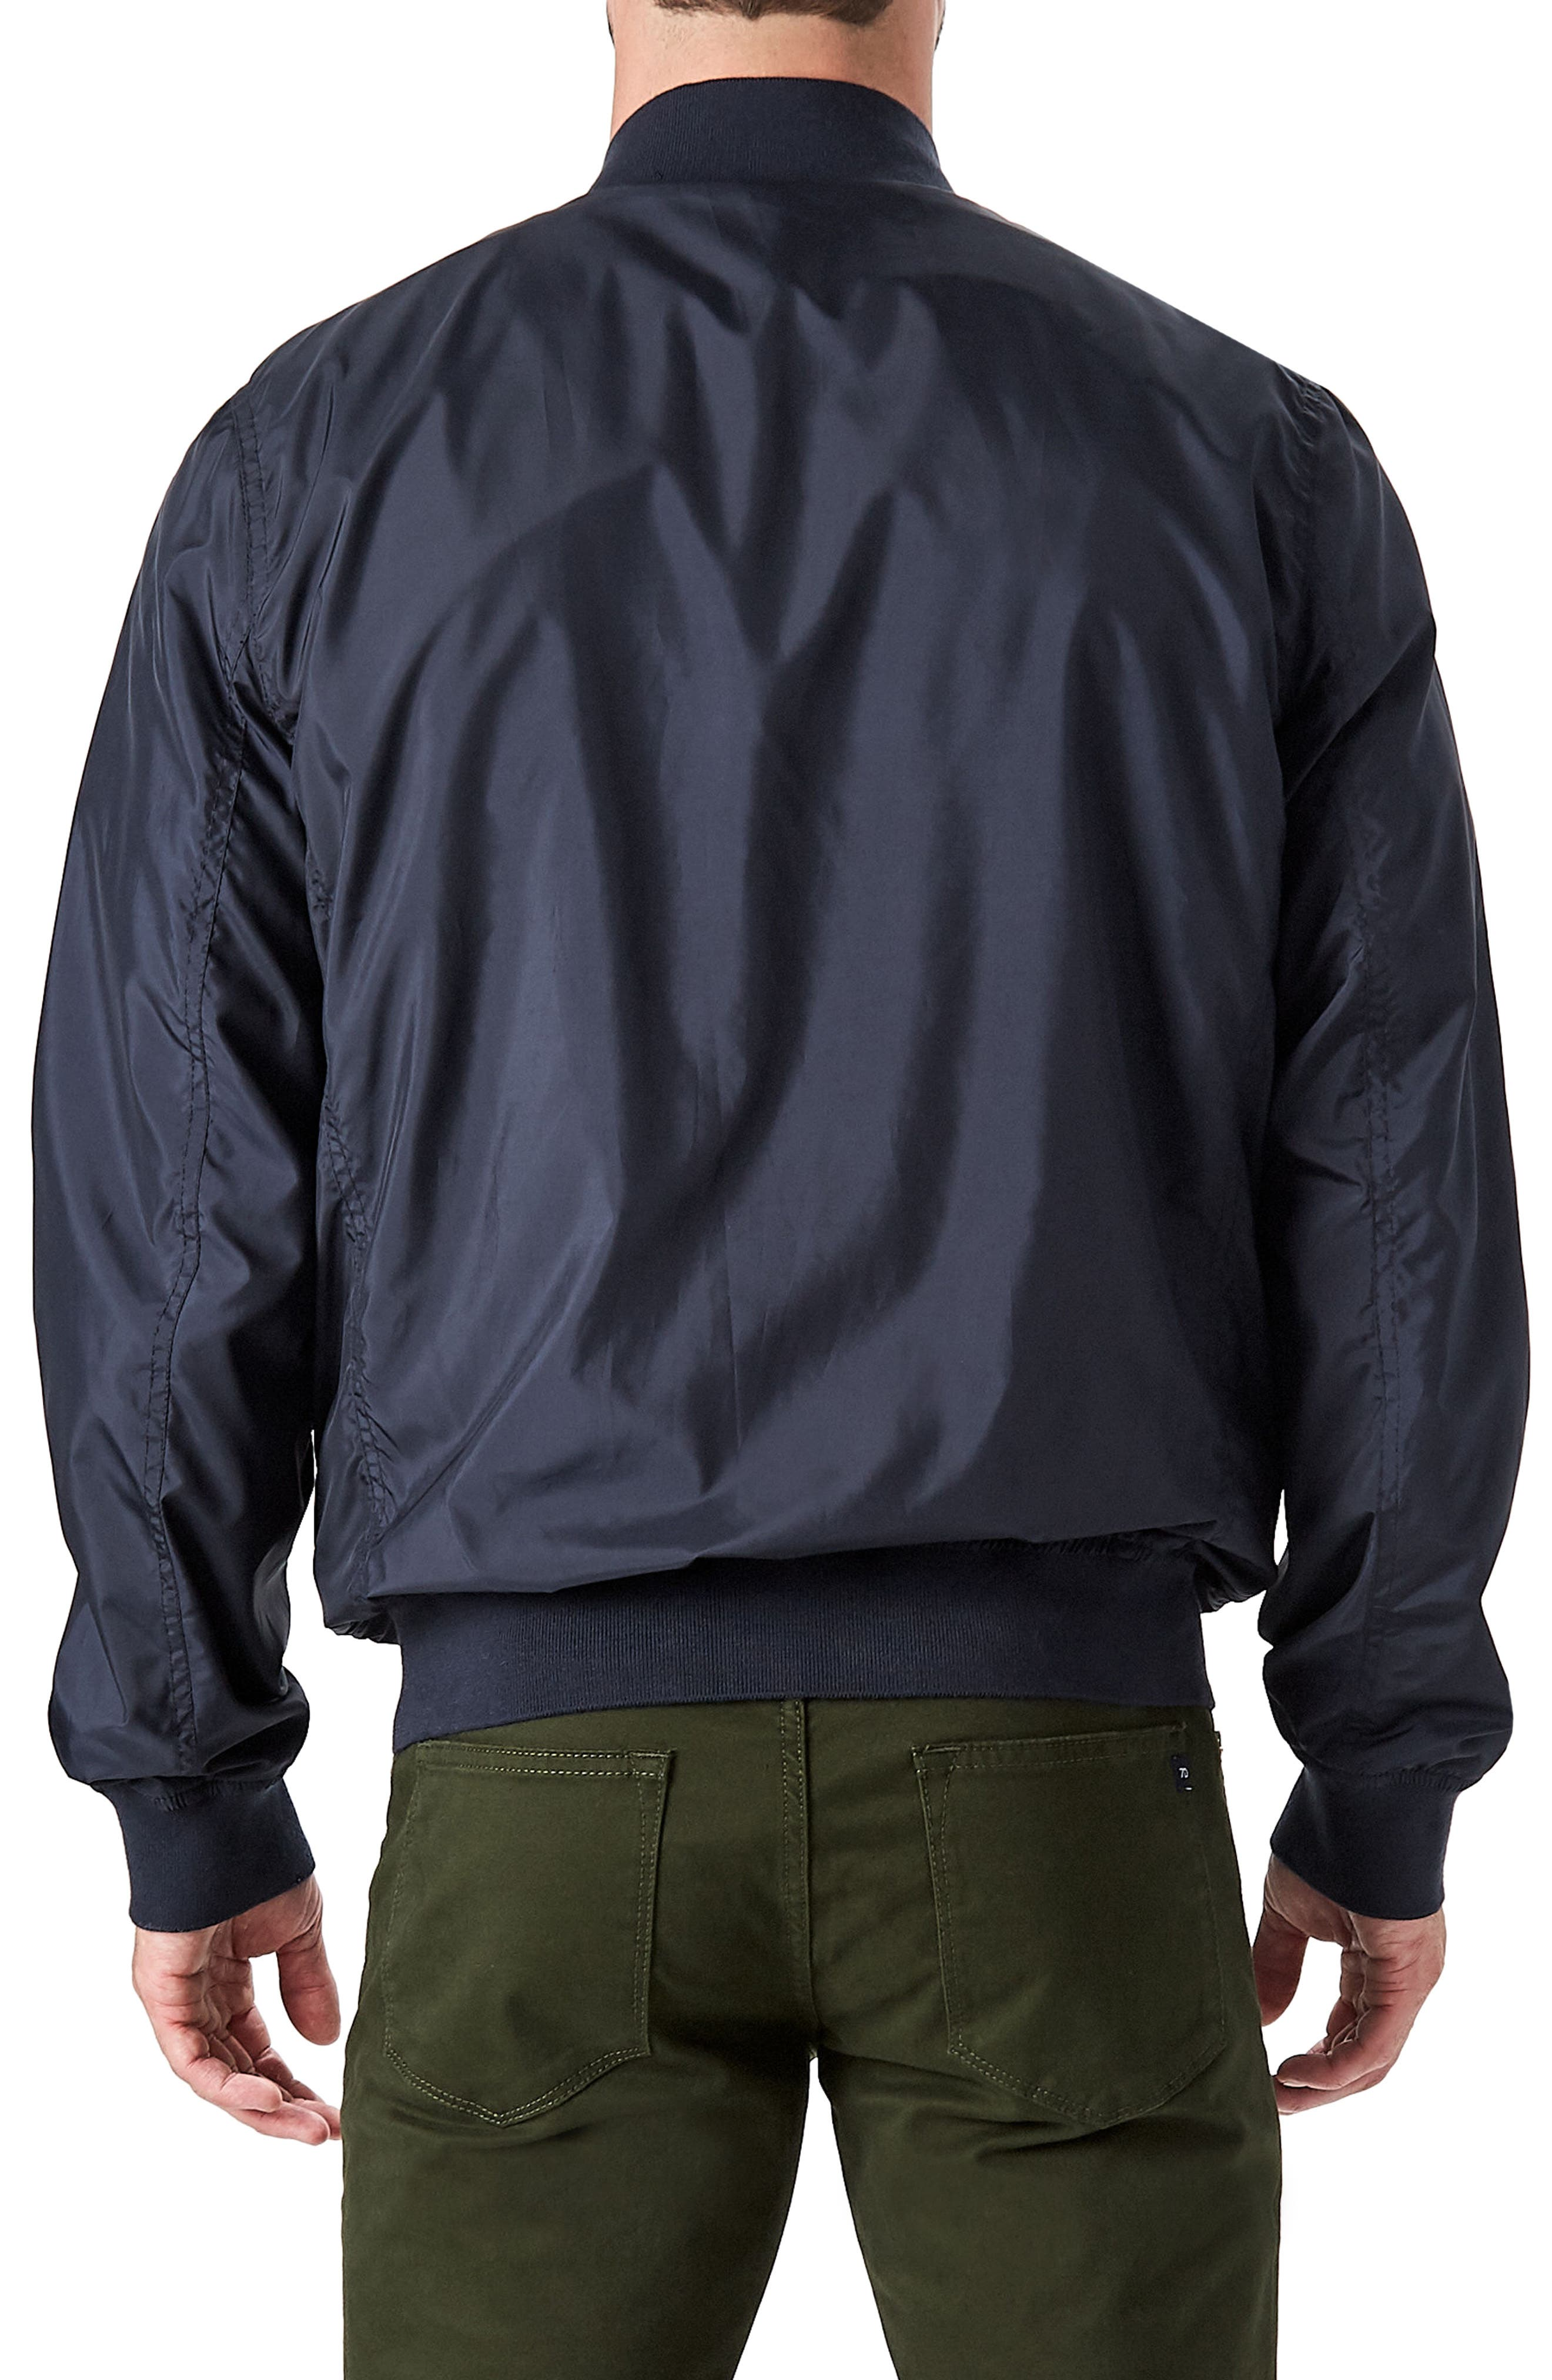 Loosid Jacket,                             Alternate thumbnail 5, color,